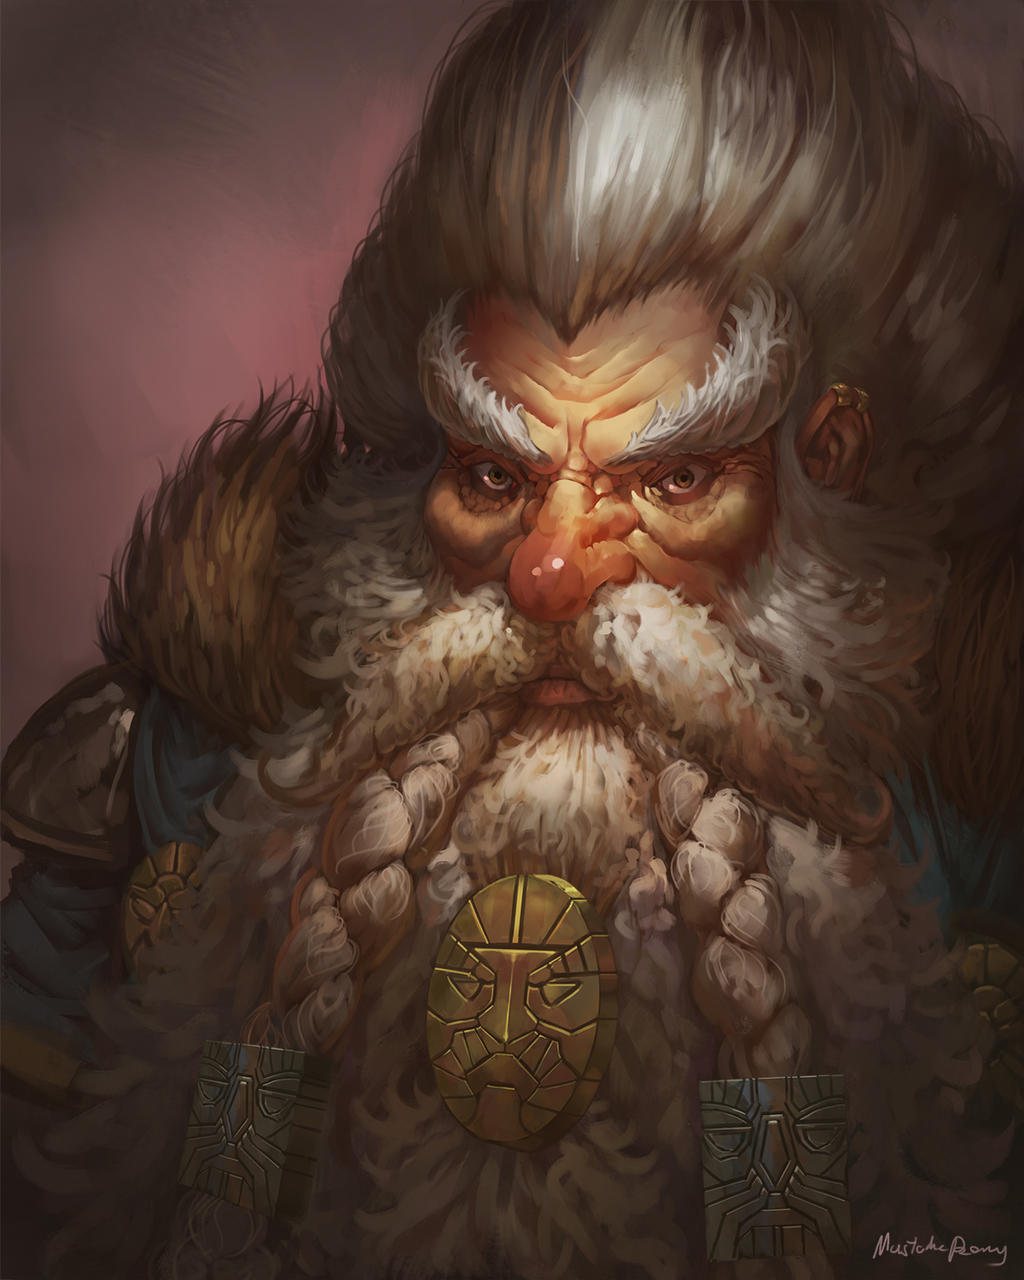 Warhammer Fantasy - Grombrindal the White Dwarf by GetsugaDante